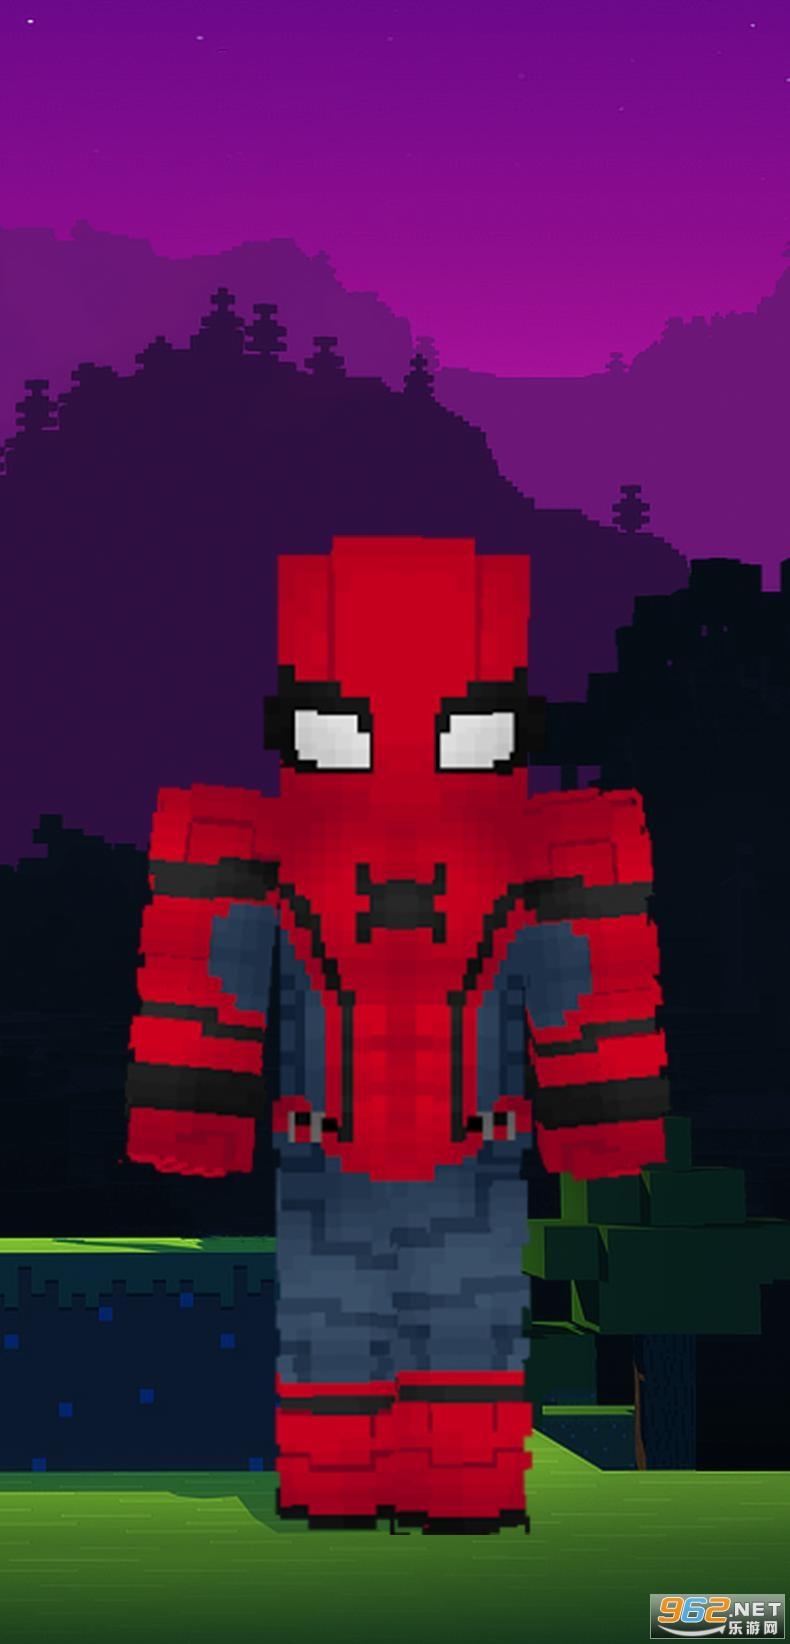 蜘蛛侠我的世界皮肤Spider Man Minecraft Skinsv1.0 安卓版截图1